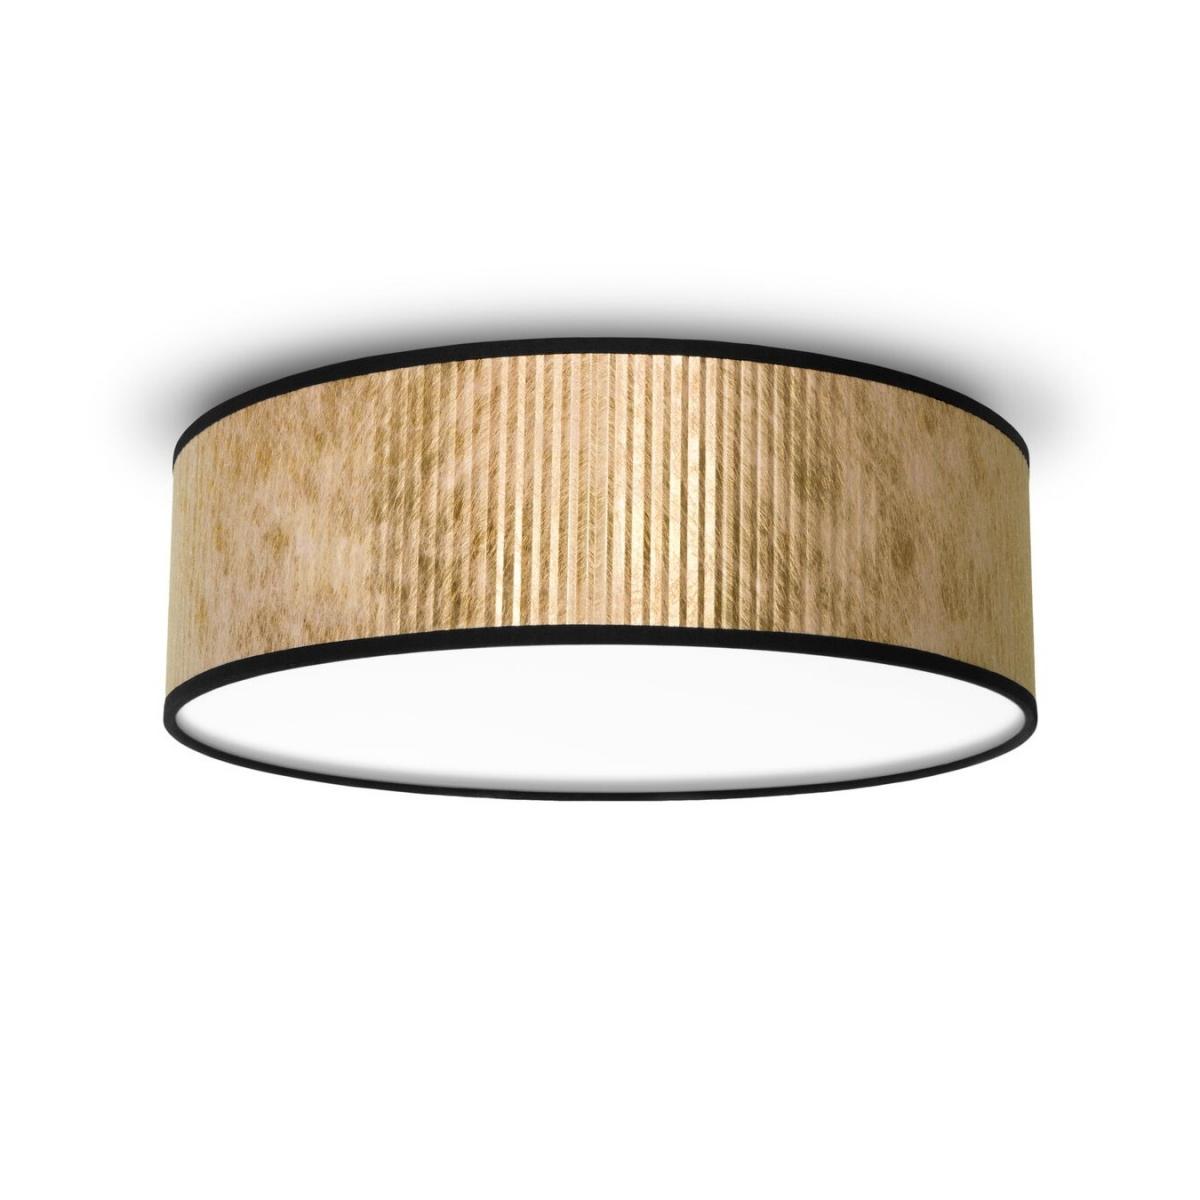 Flache wohnzimmerlampe for Flache deckenlampe